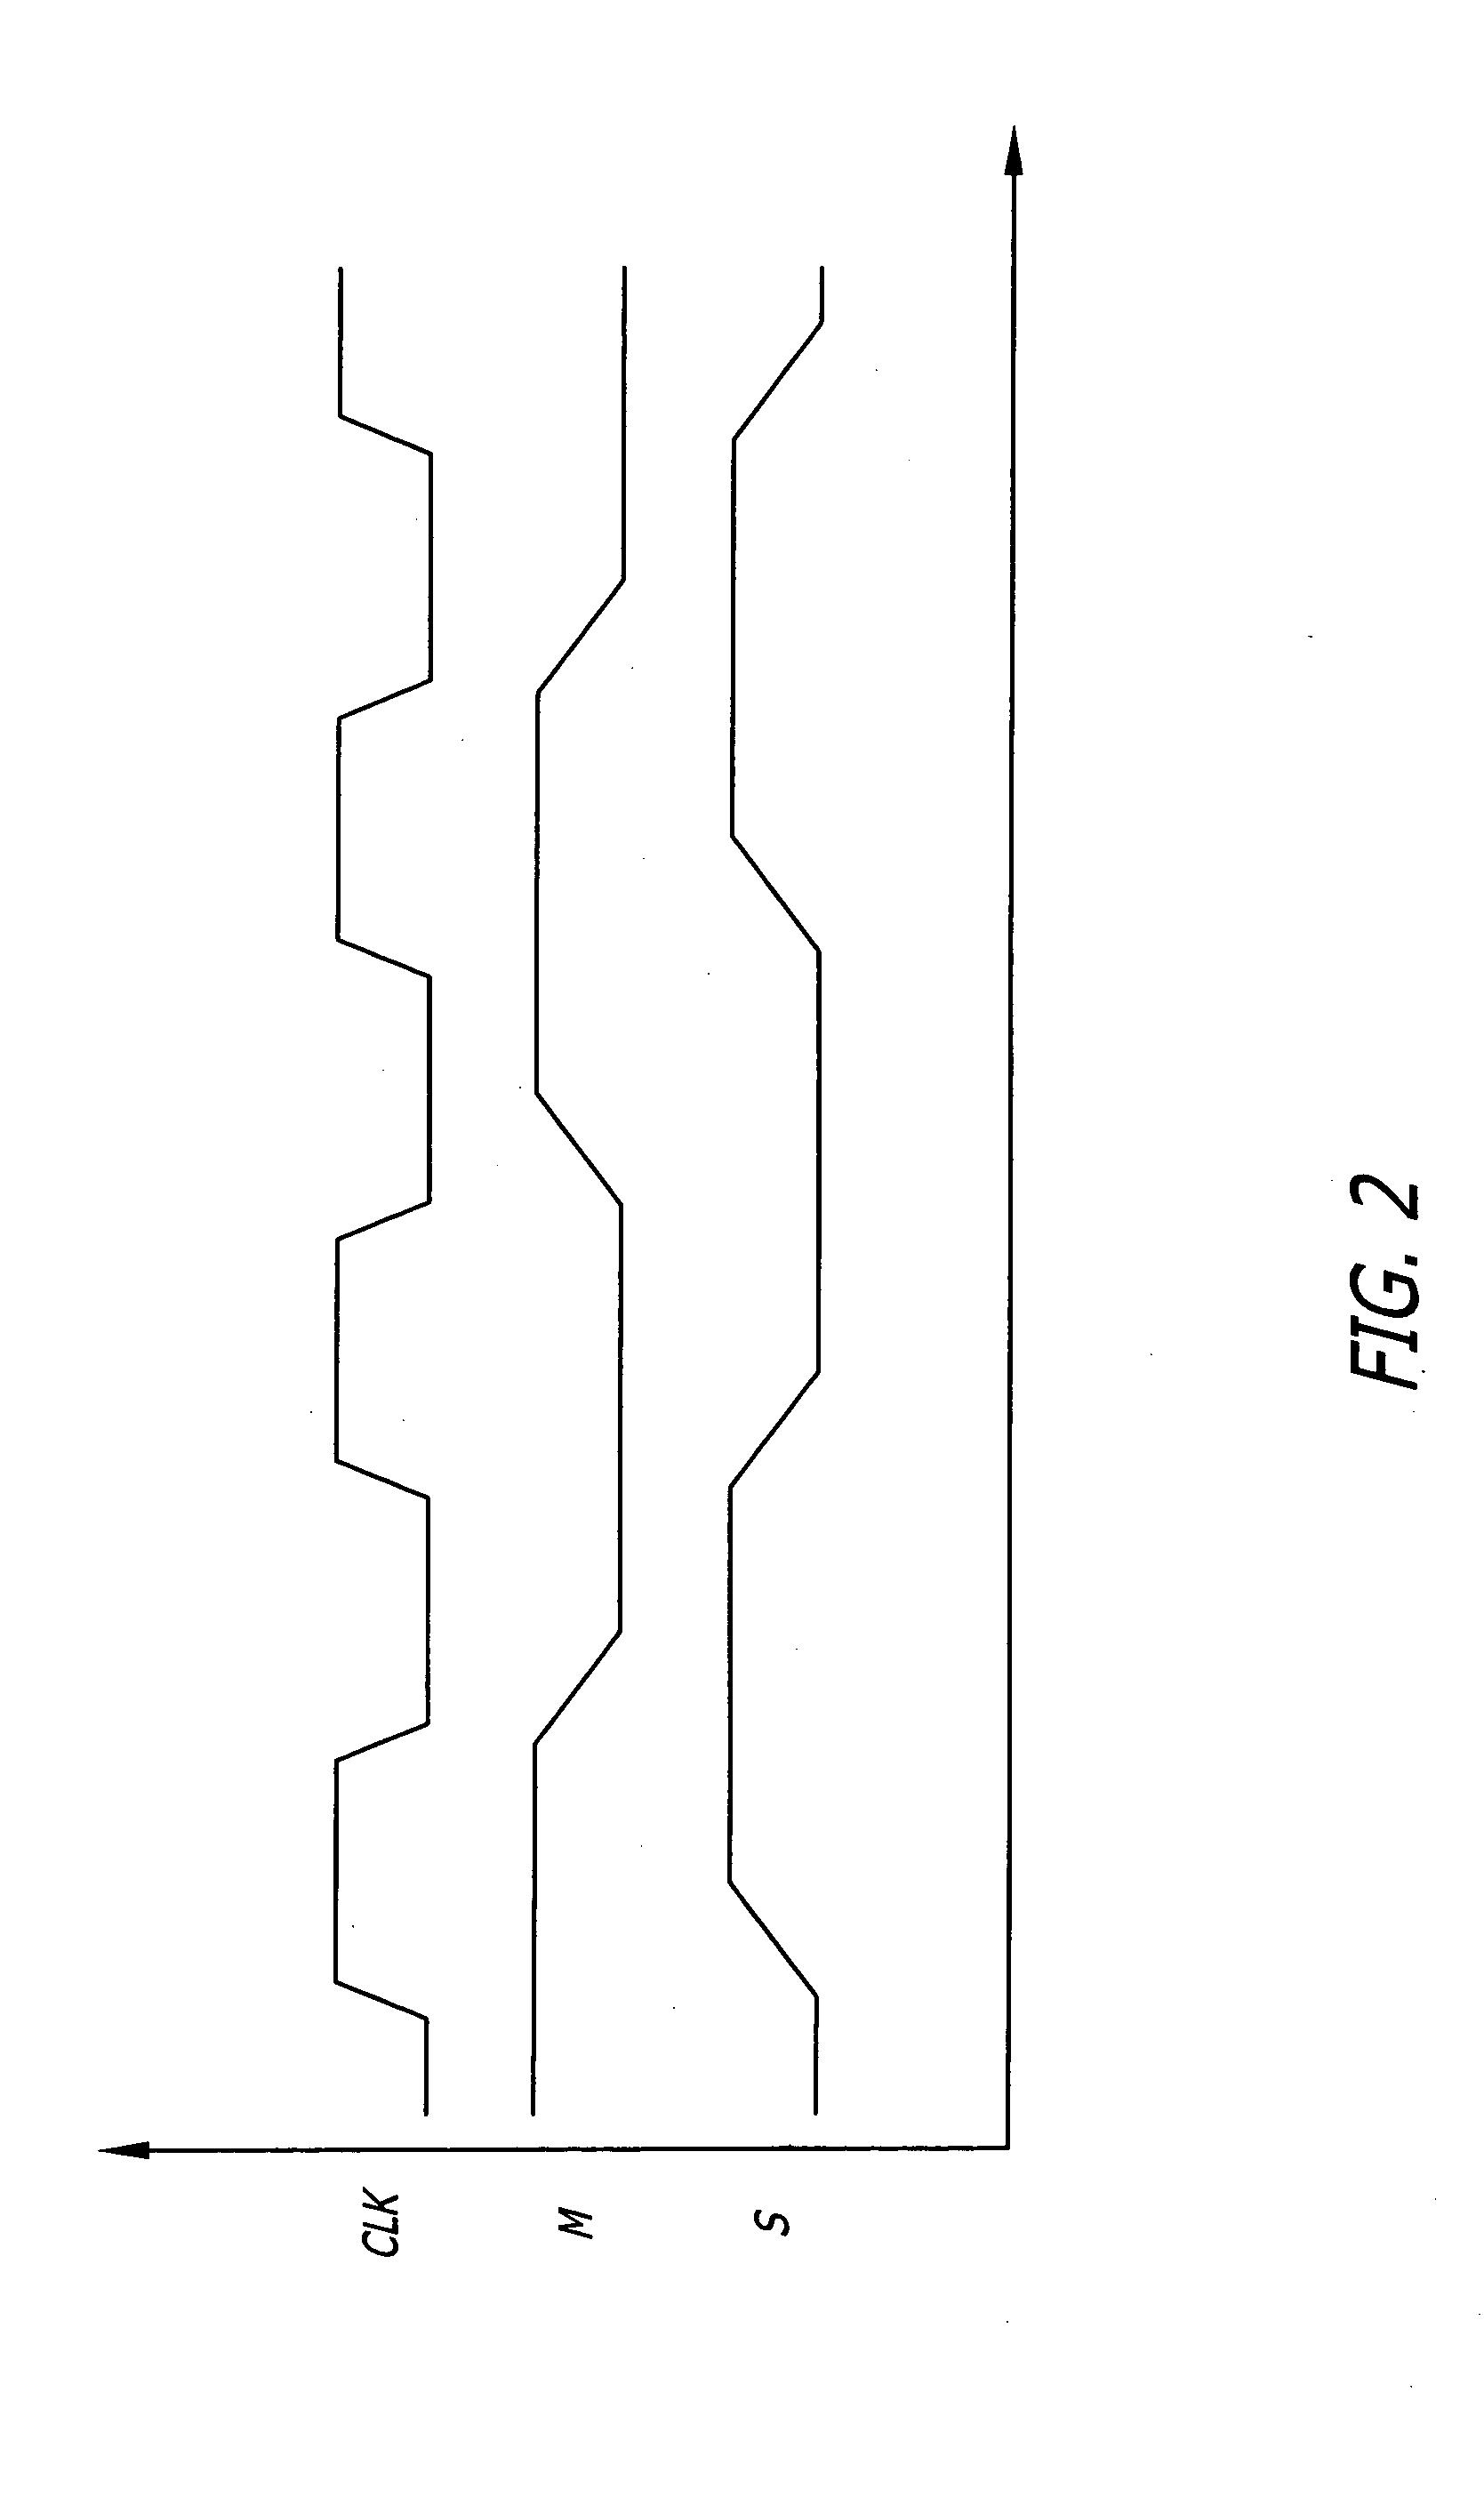 电路 电路图 电子 原理图 1669_2817 竖版 竖屏